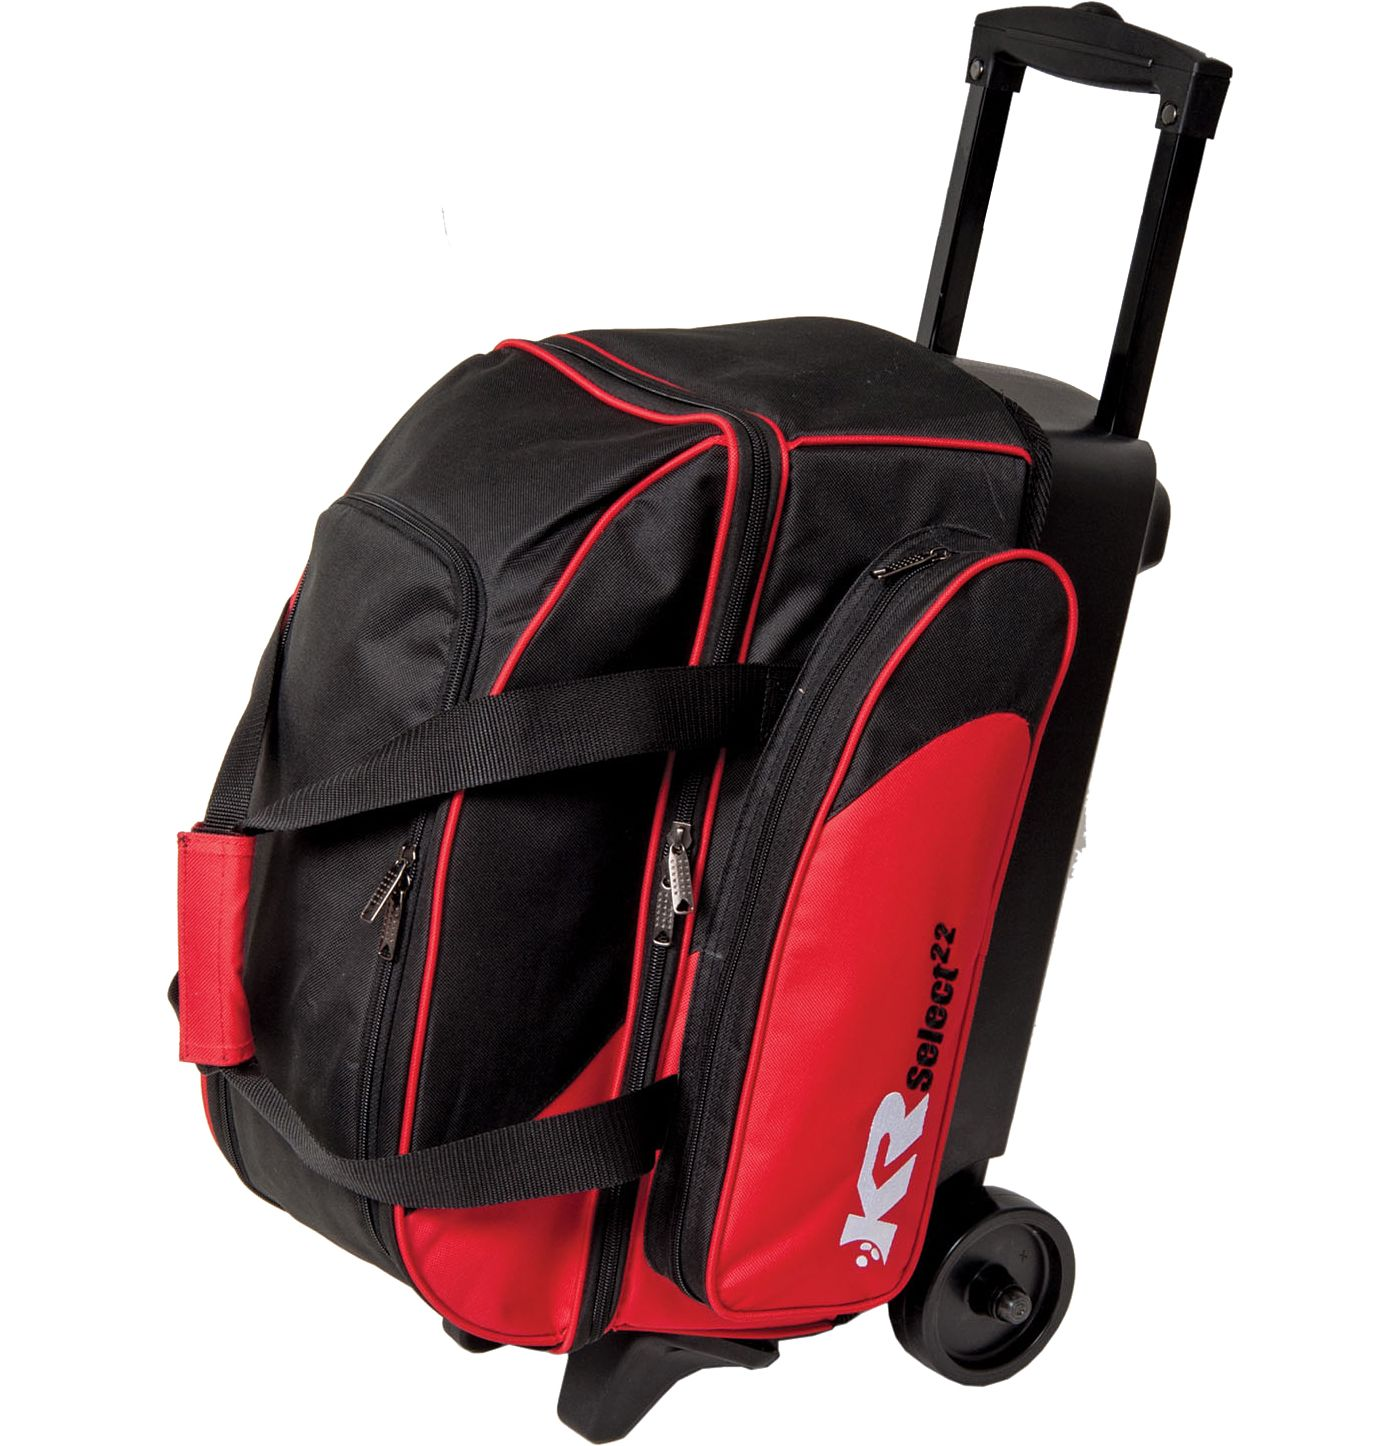 KR Strikeforce KR Select Double Roller Bowling Bag